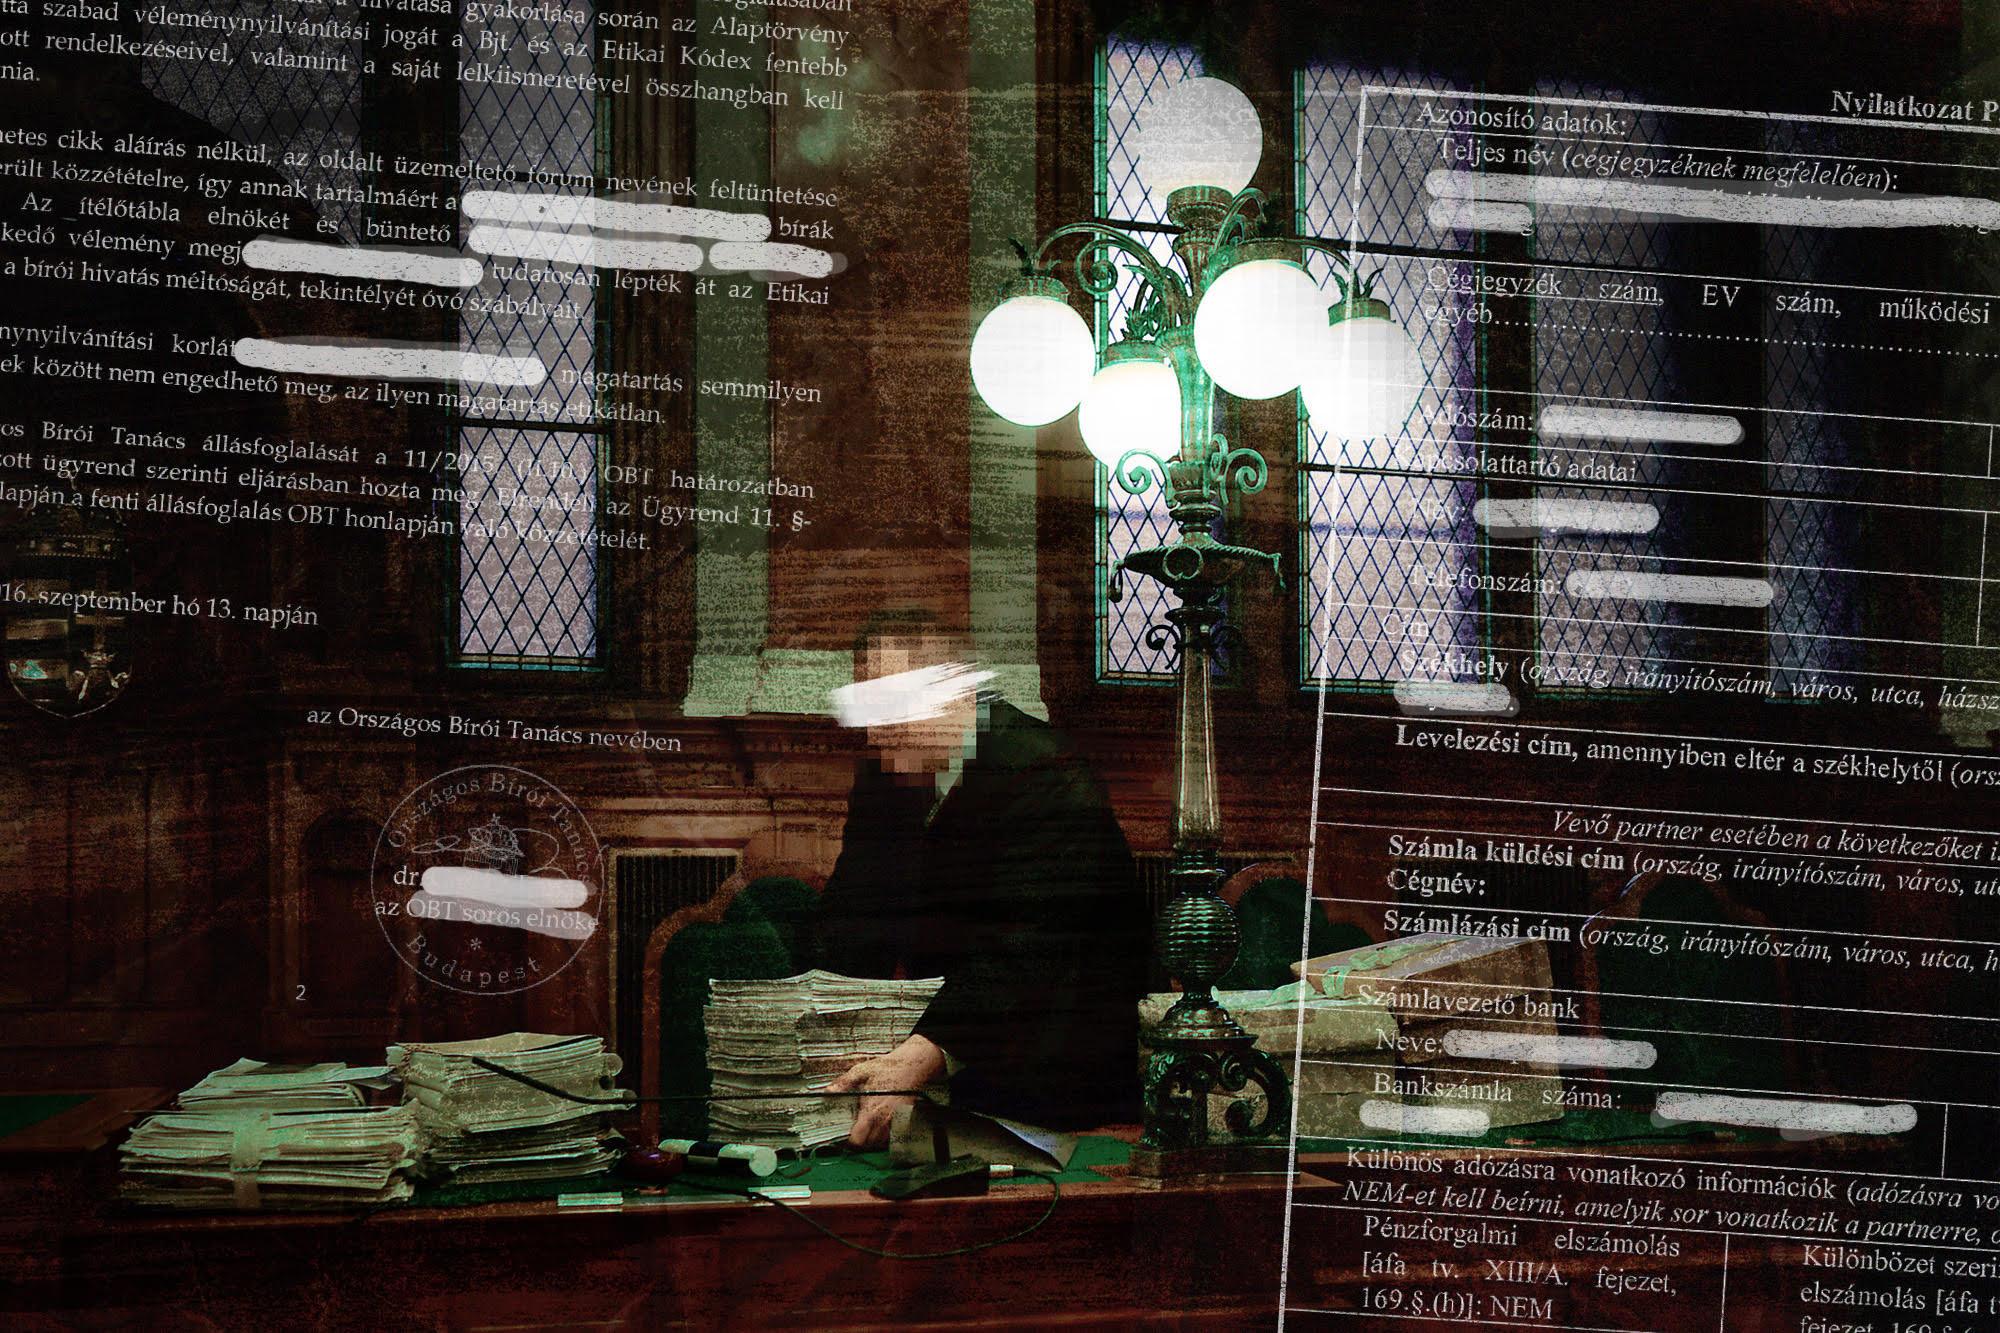 Személyes adataik kiszivárogtatásával 51 bíróra próbáltak nyomást gyakorolni a Budapest Környéki Törvényszéken